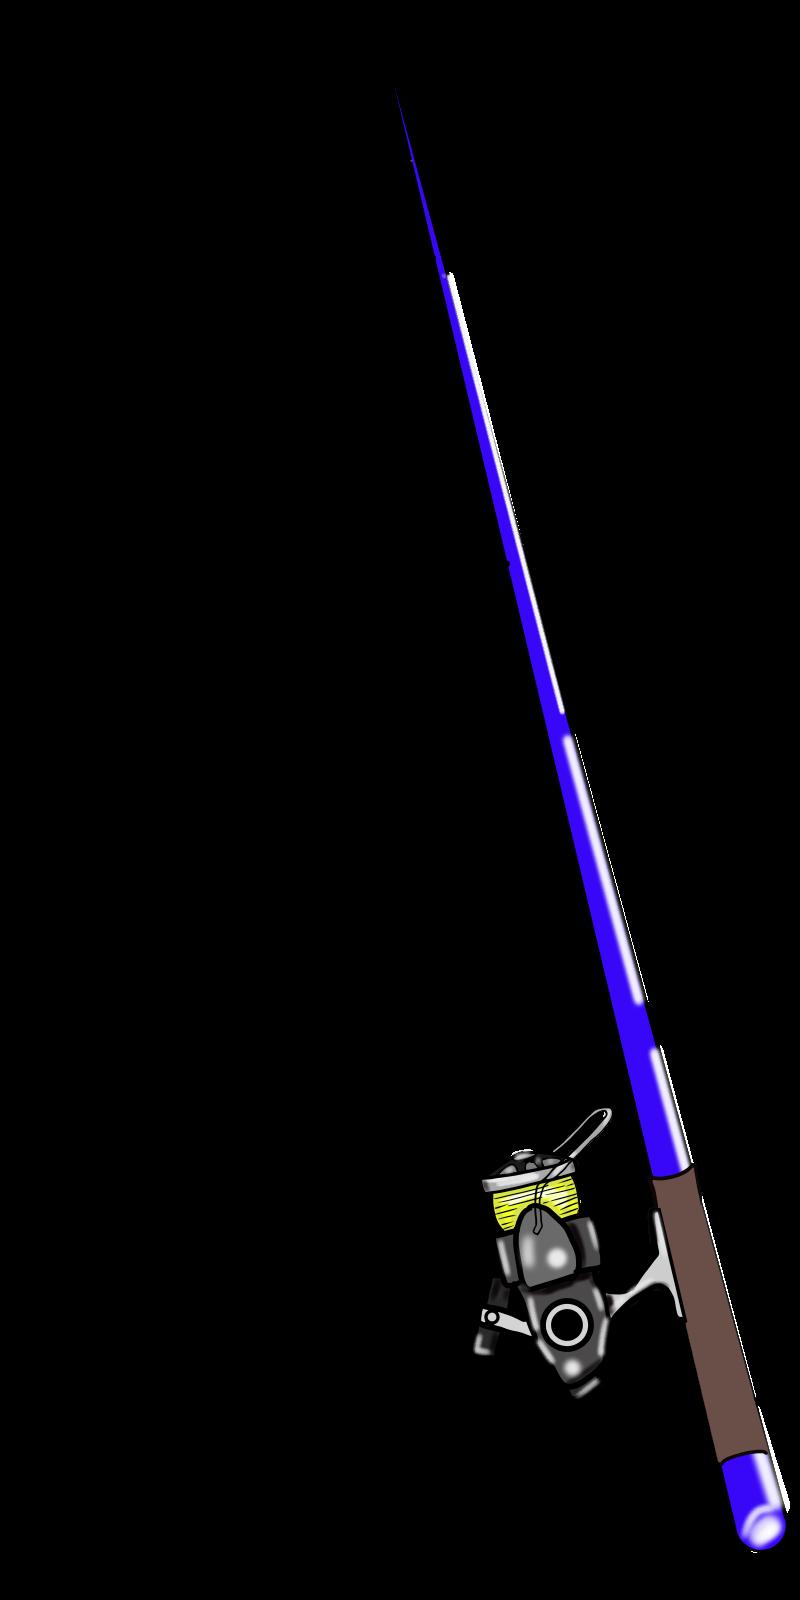 仕掛けは自分で書いてよね♡釣り竿とリールの無料イラスト2015-6-8 青